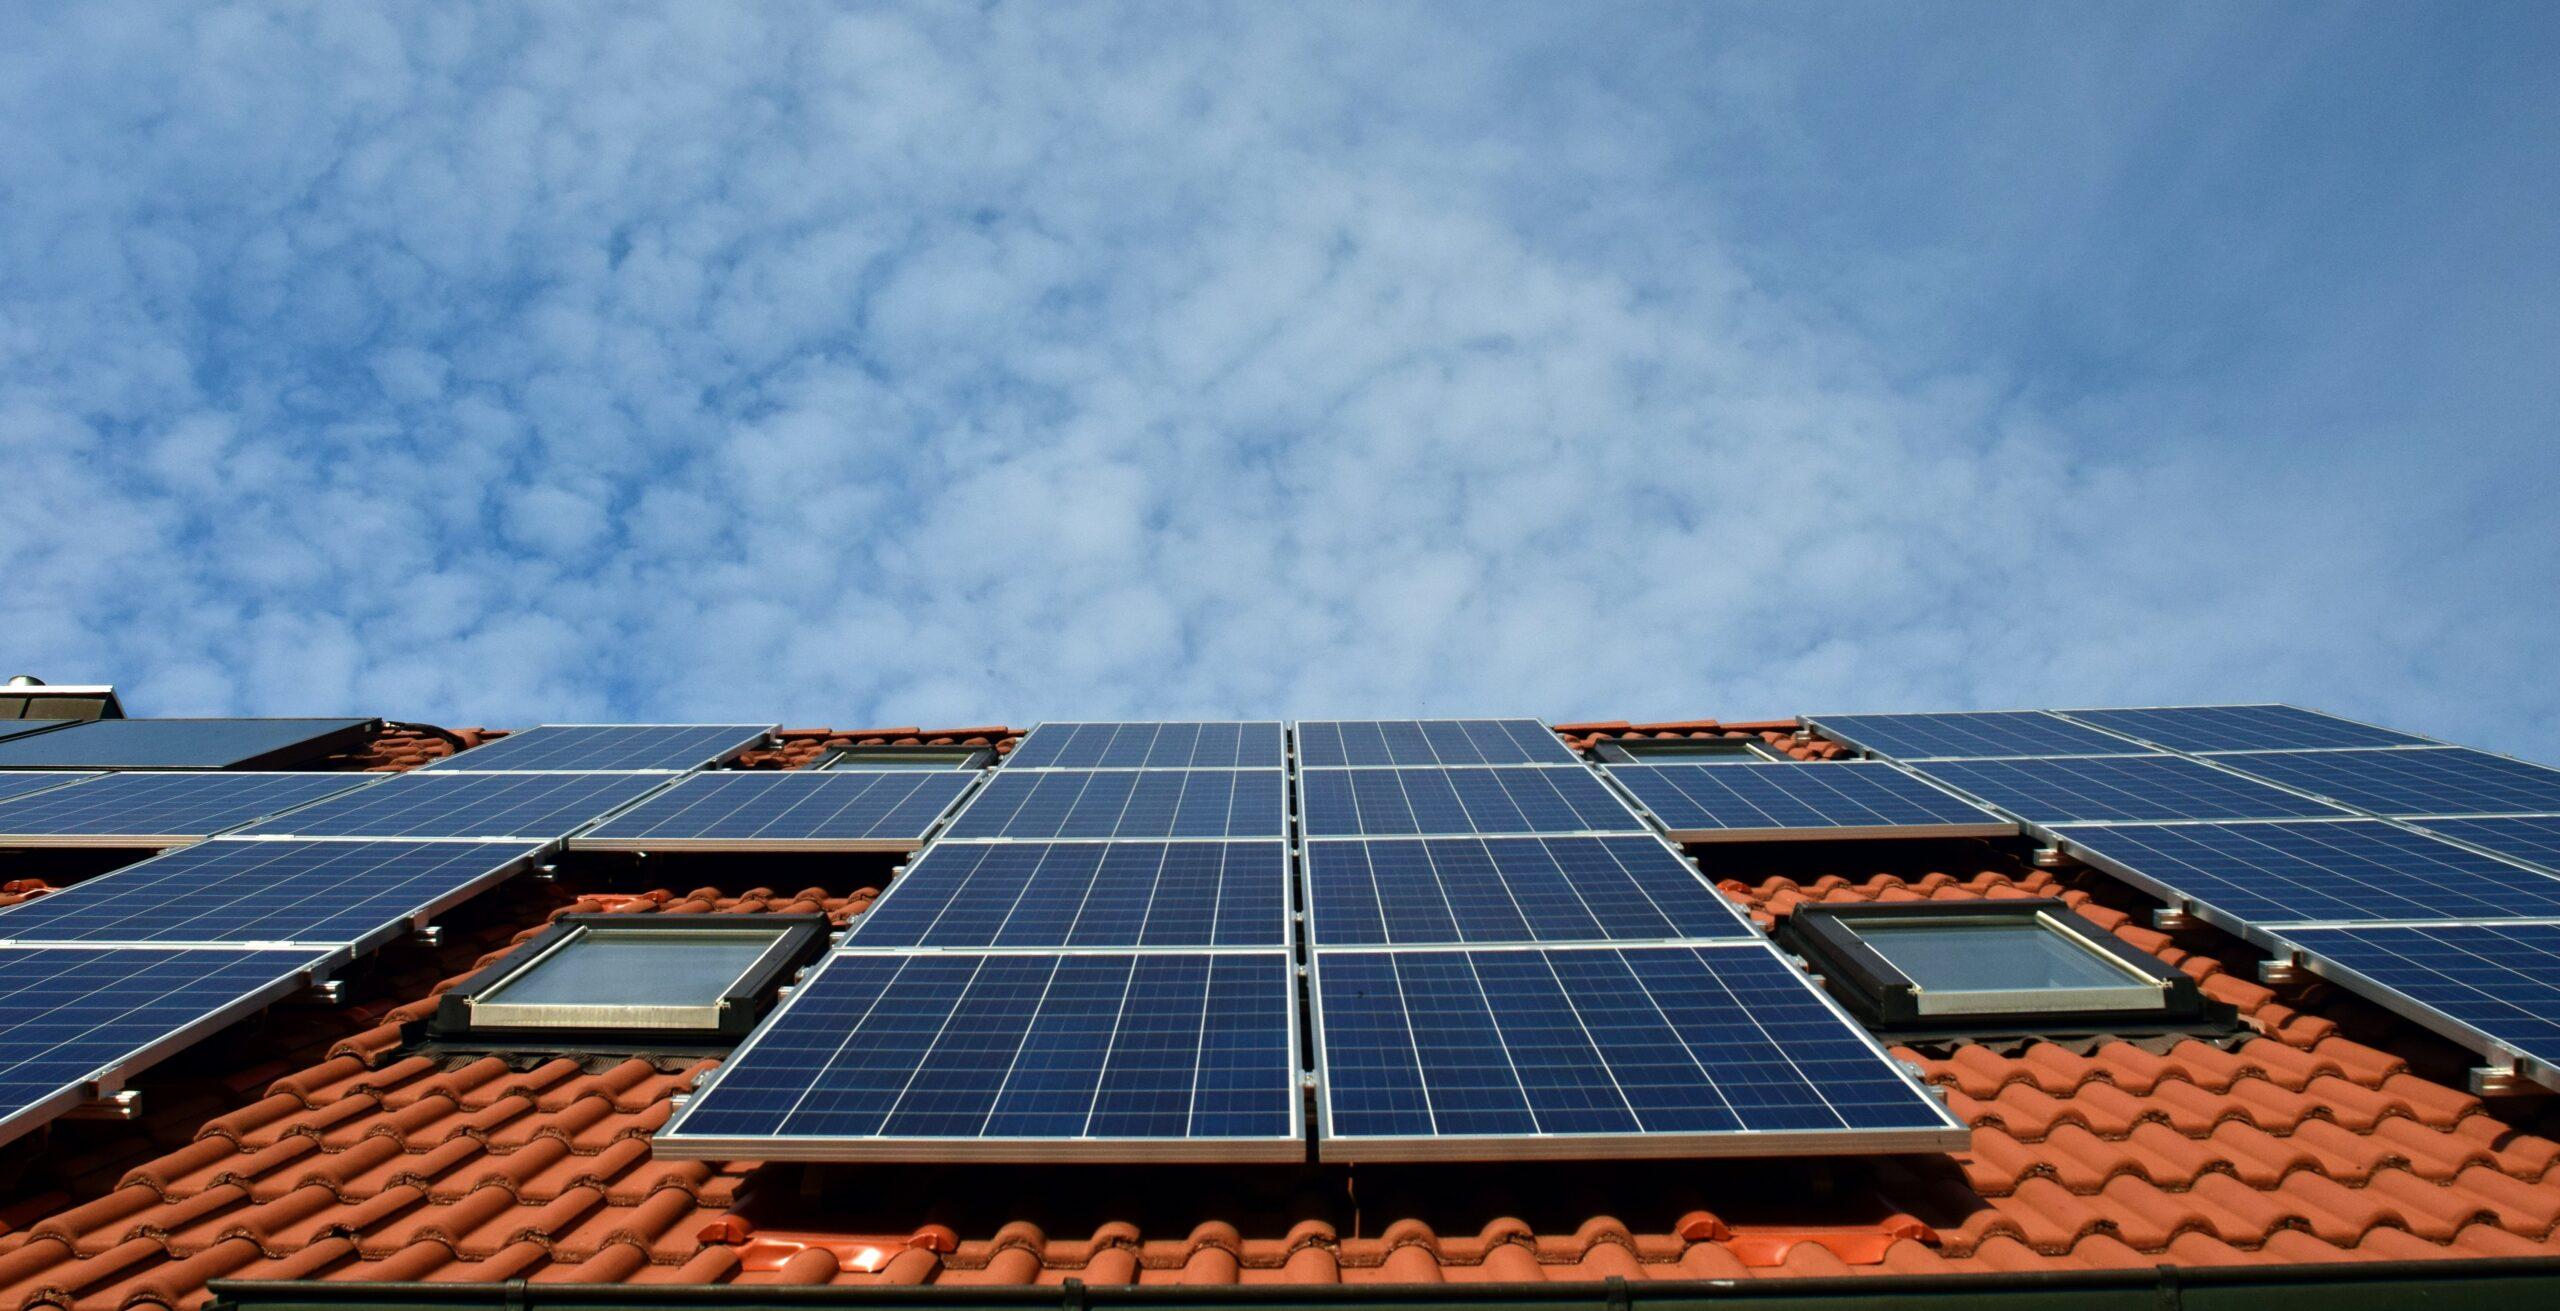 Россия оказалась бенефициаром подорожания возобновляемых источников энергии